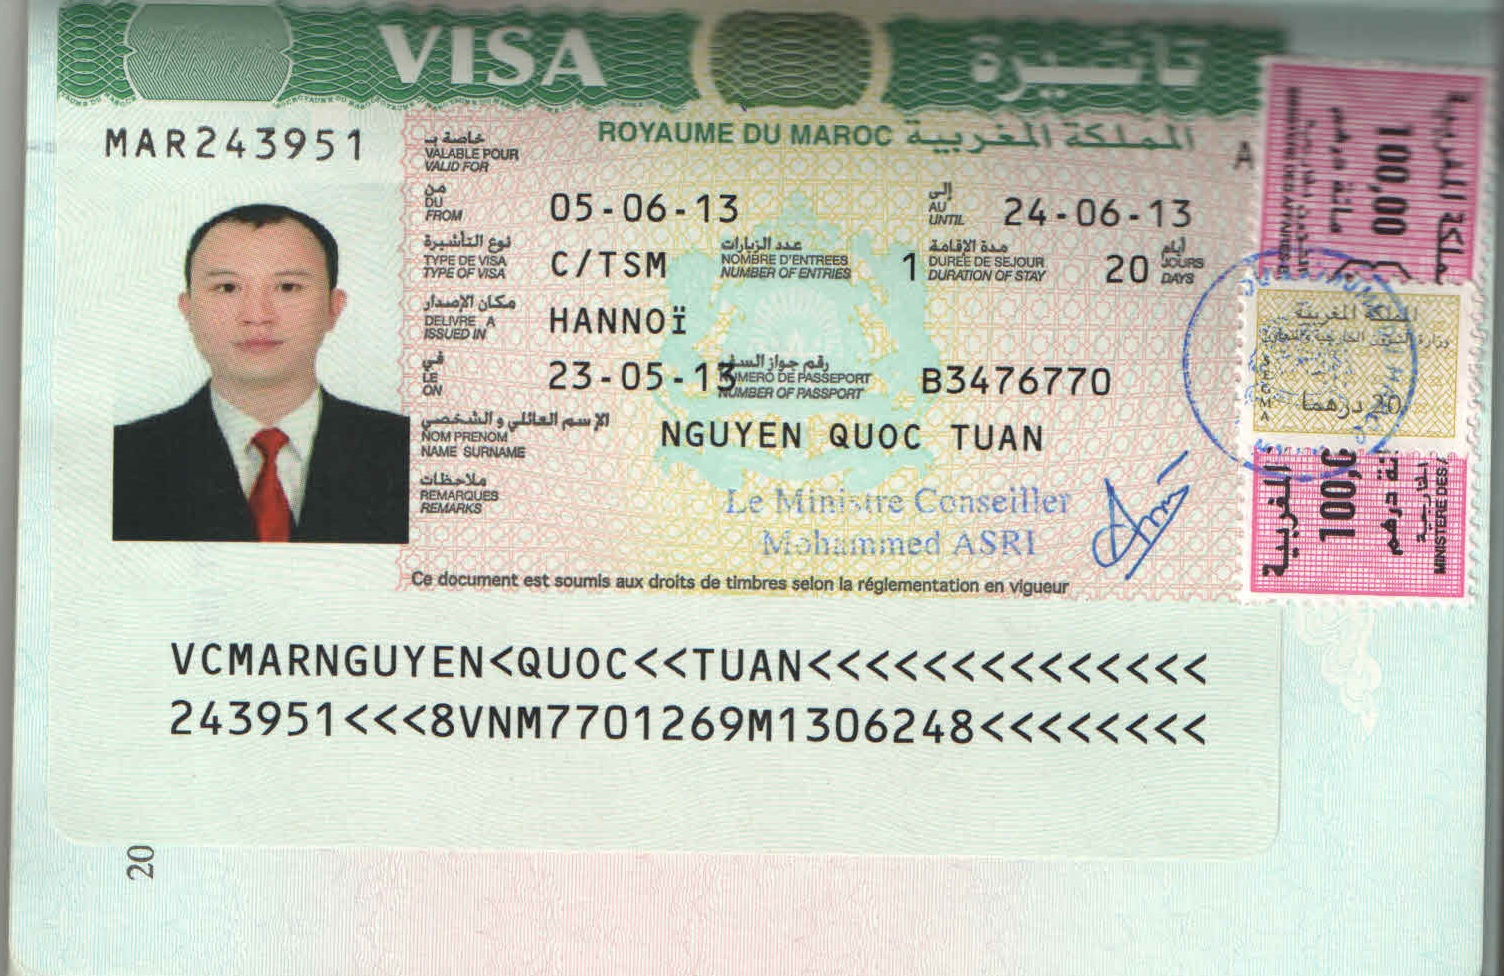 Dịch vụ làm visa Maroc